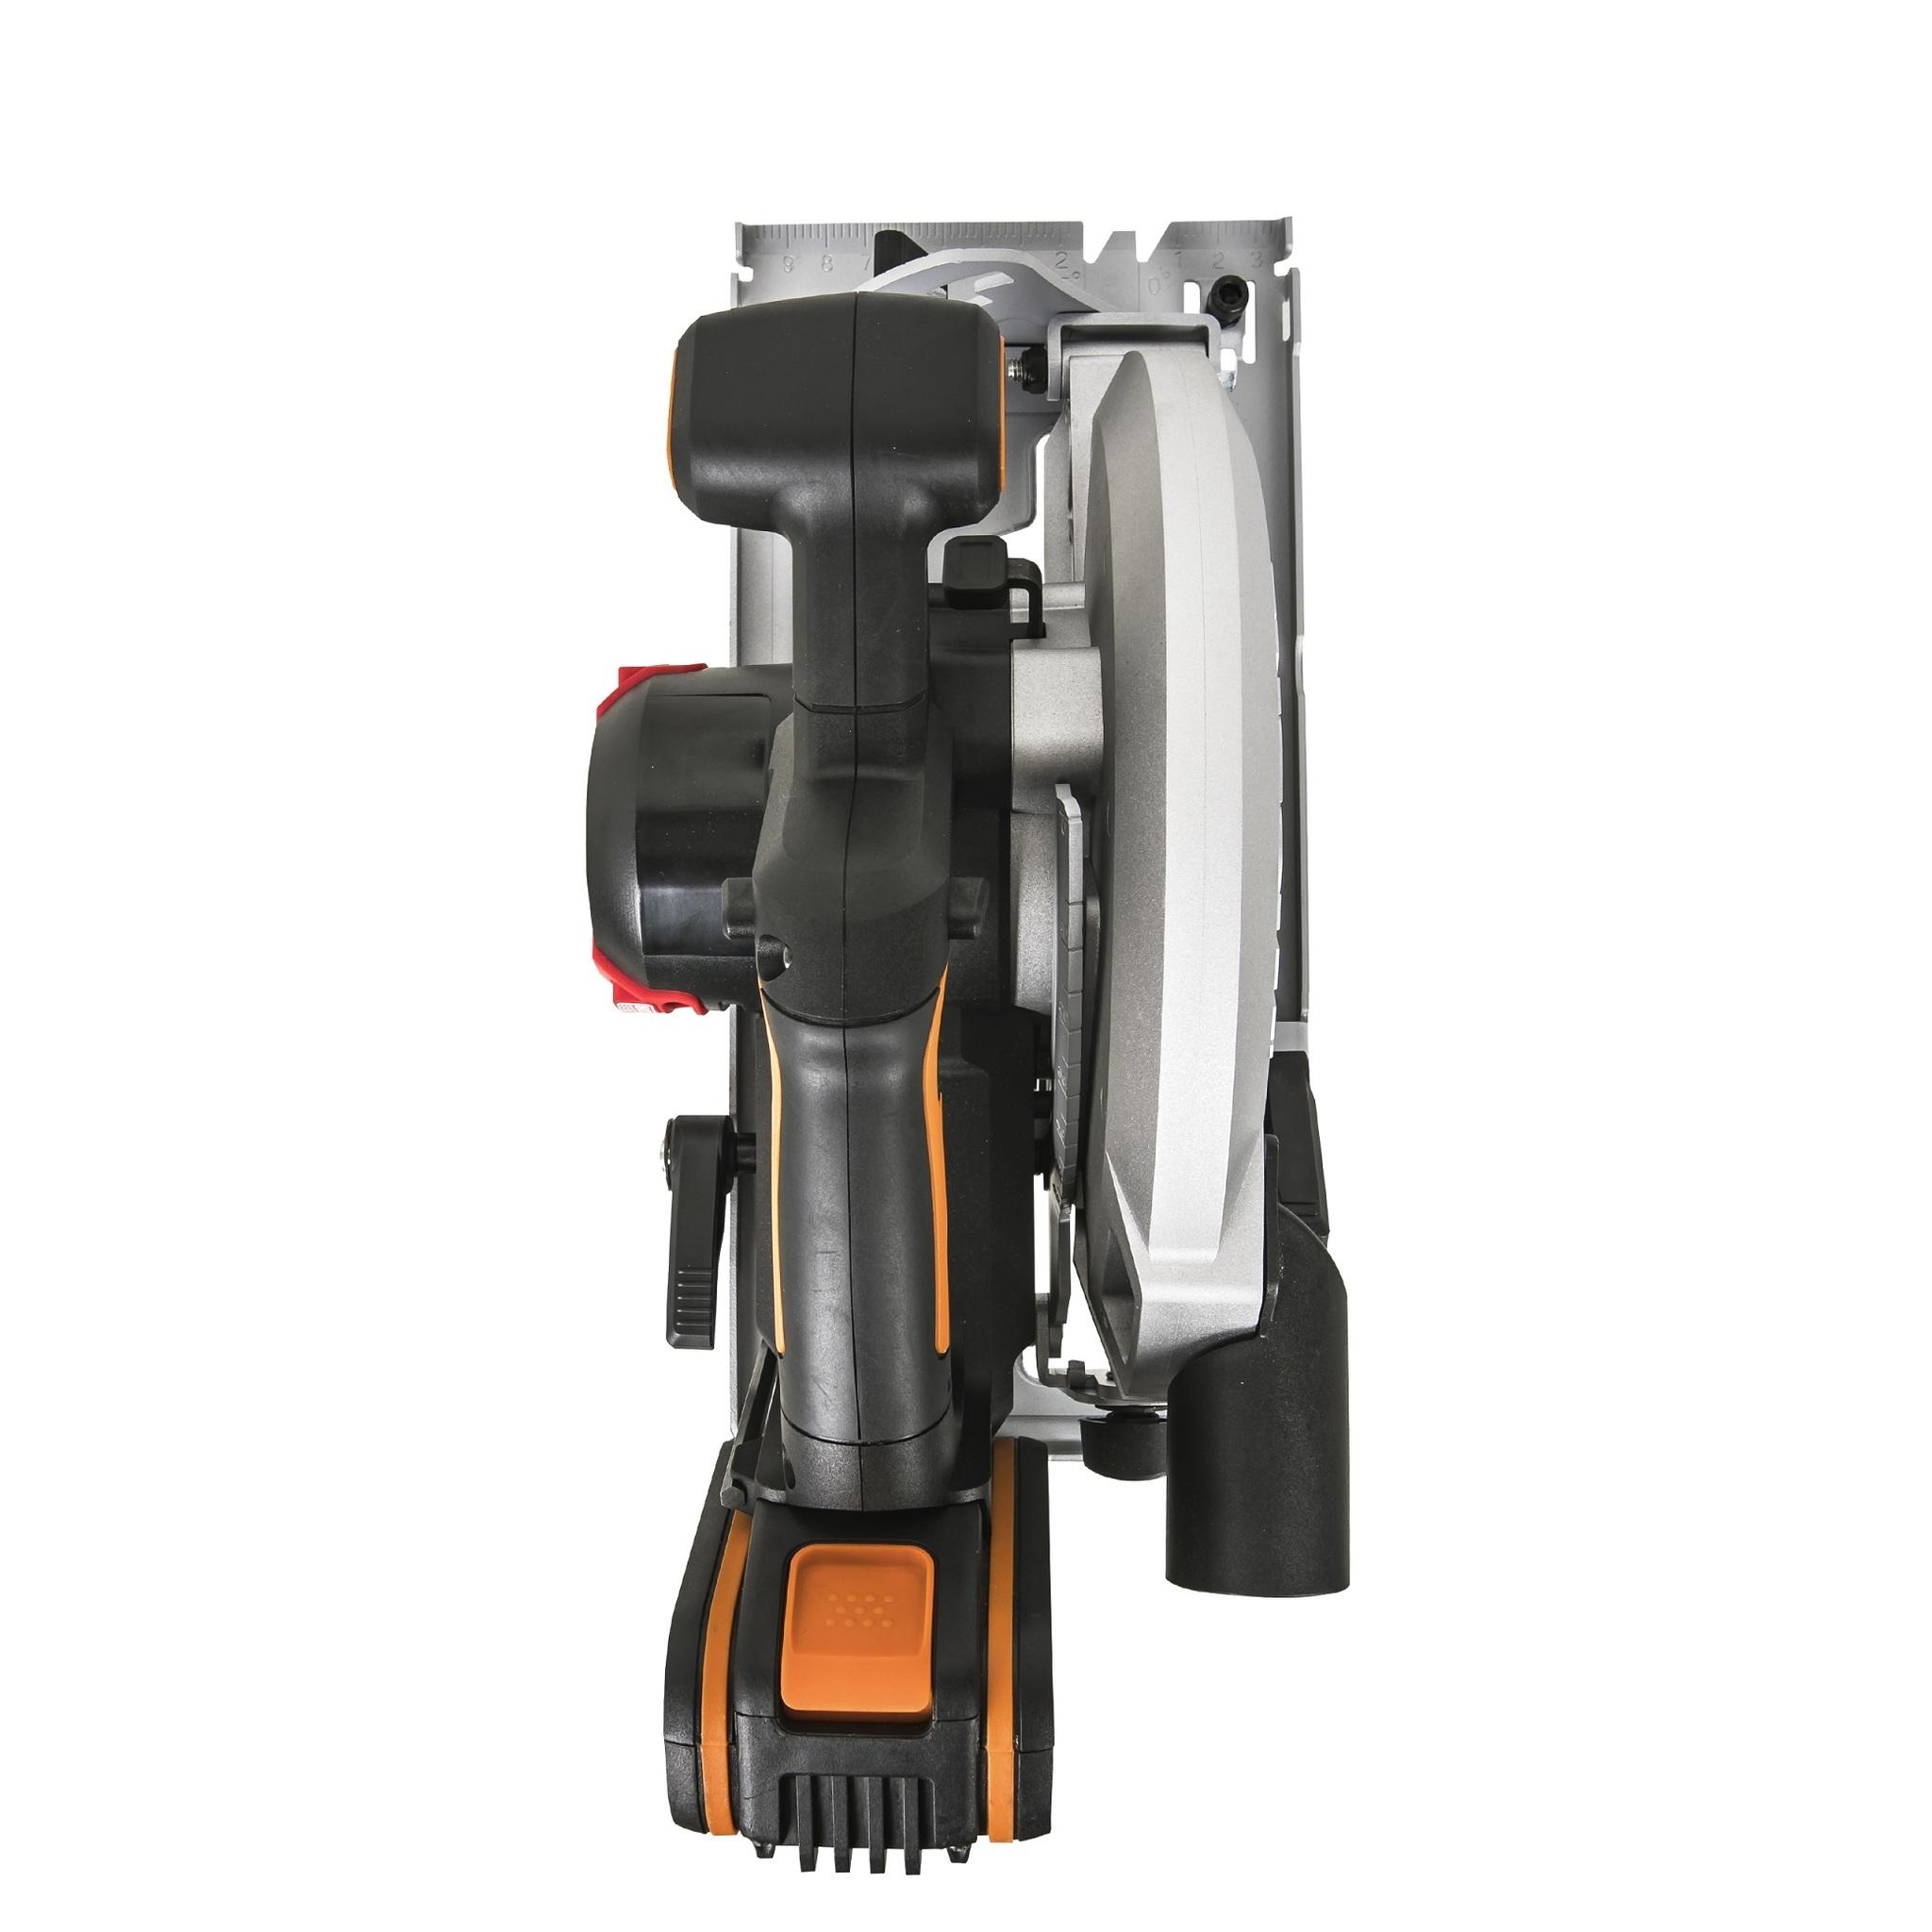 Циркулярная пила аккумуляторная бесщеточная WORX WX520.9, 20В 190 мм, без АКБ и ЗУ, коробка